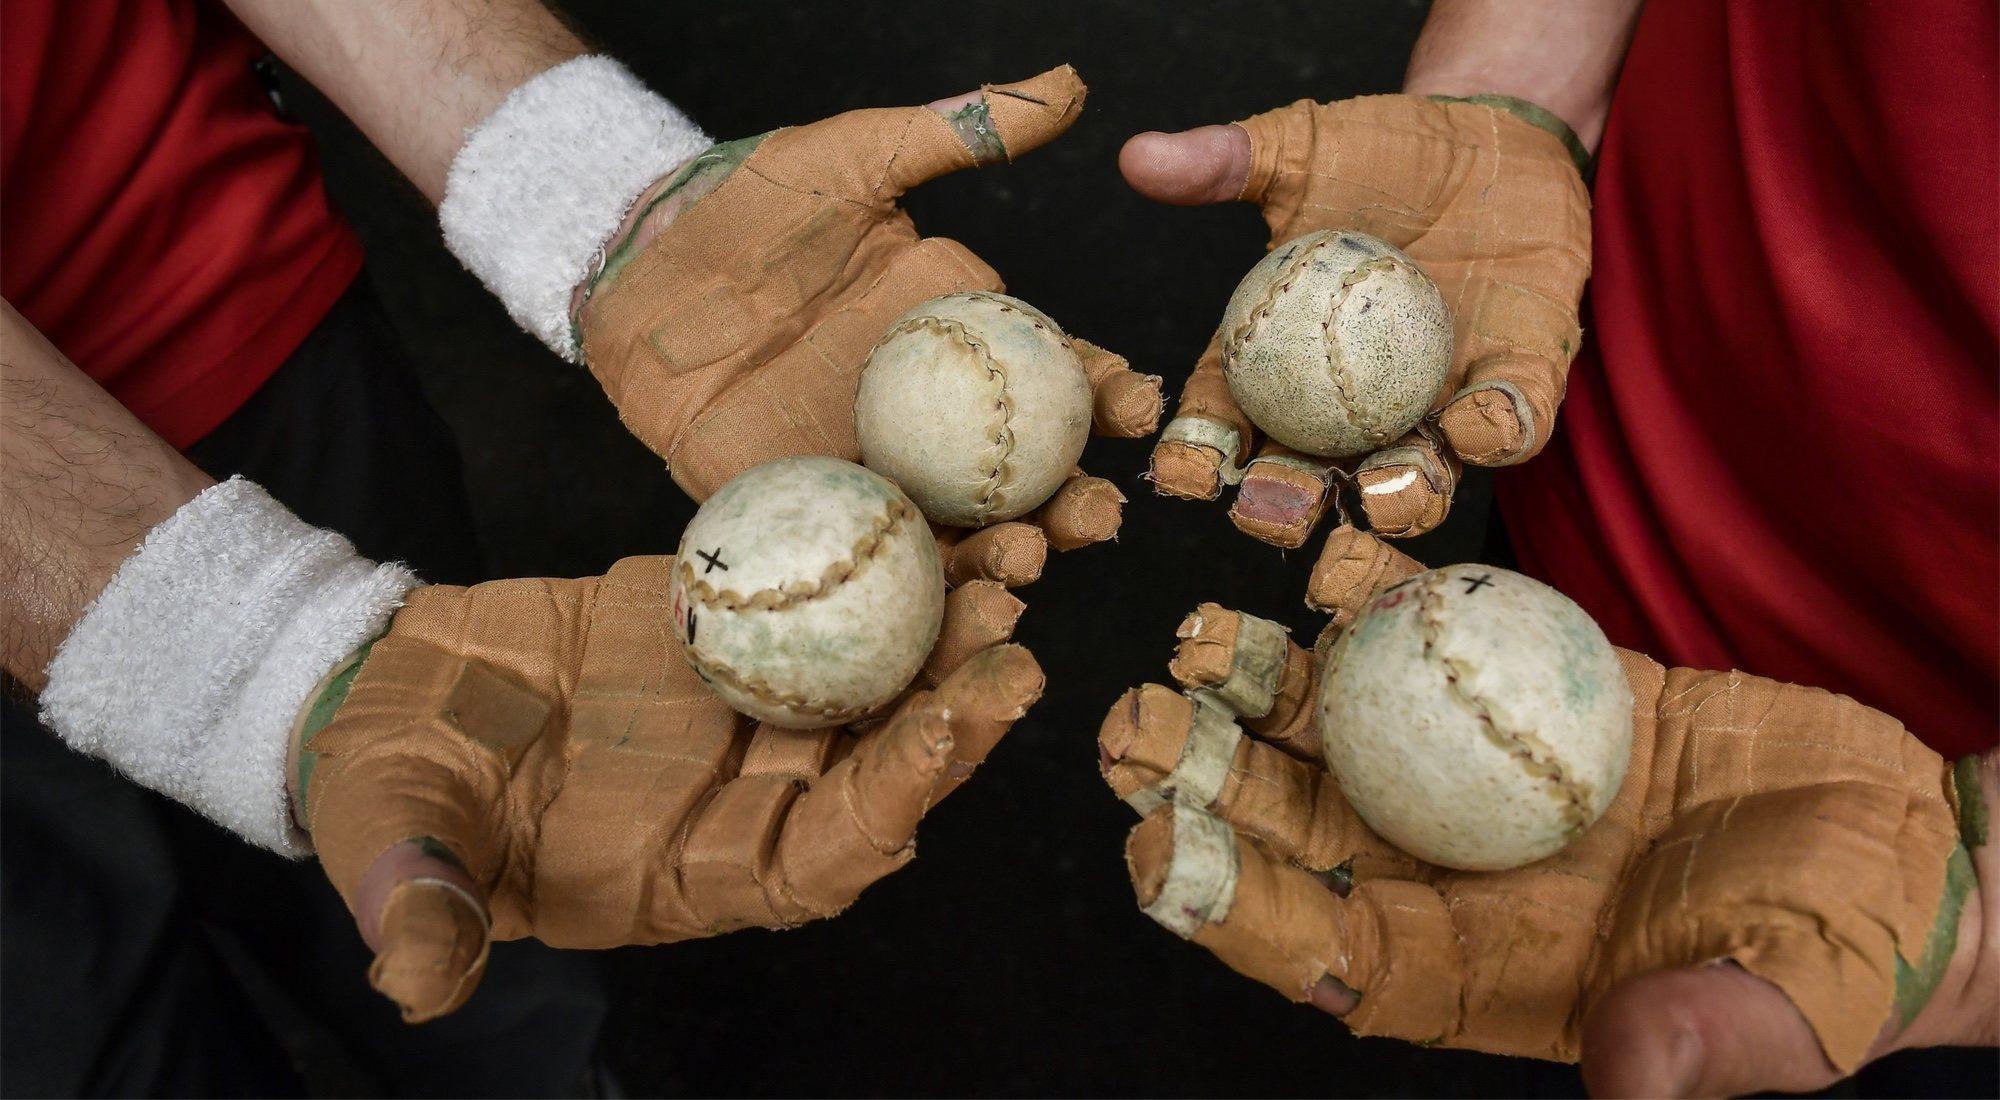 Pelota a mano o pelota vasca: final entre Irribarria y Urrutikoetxea